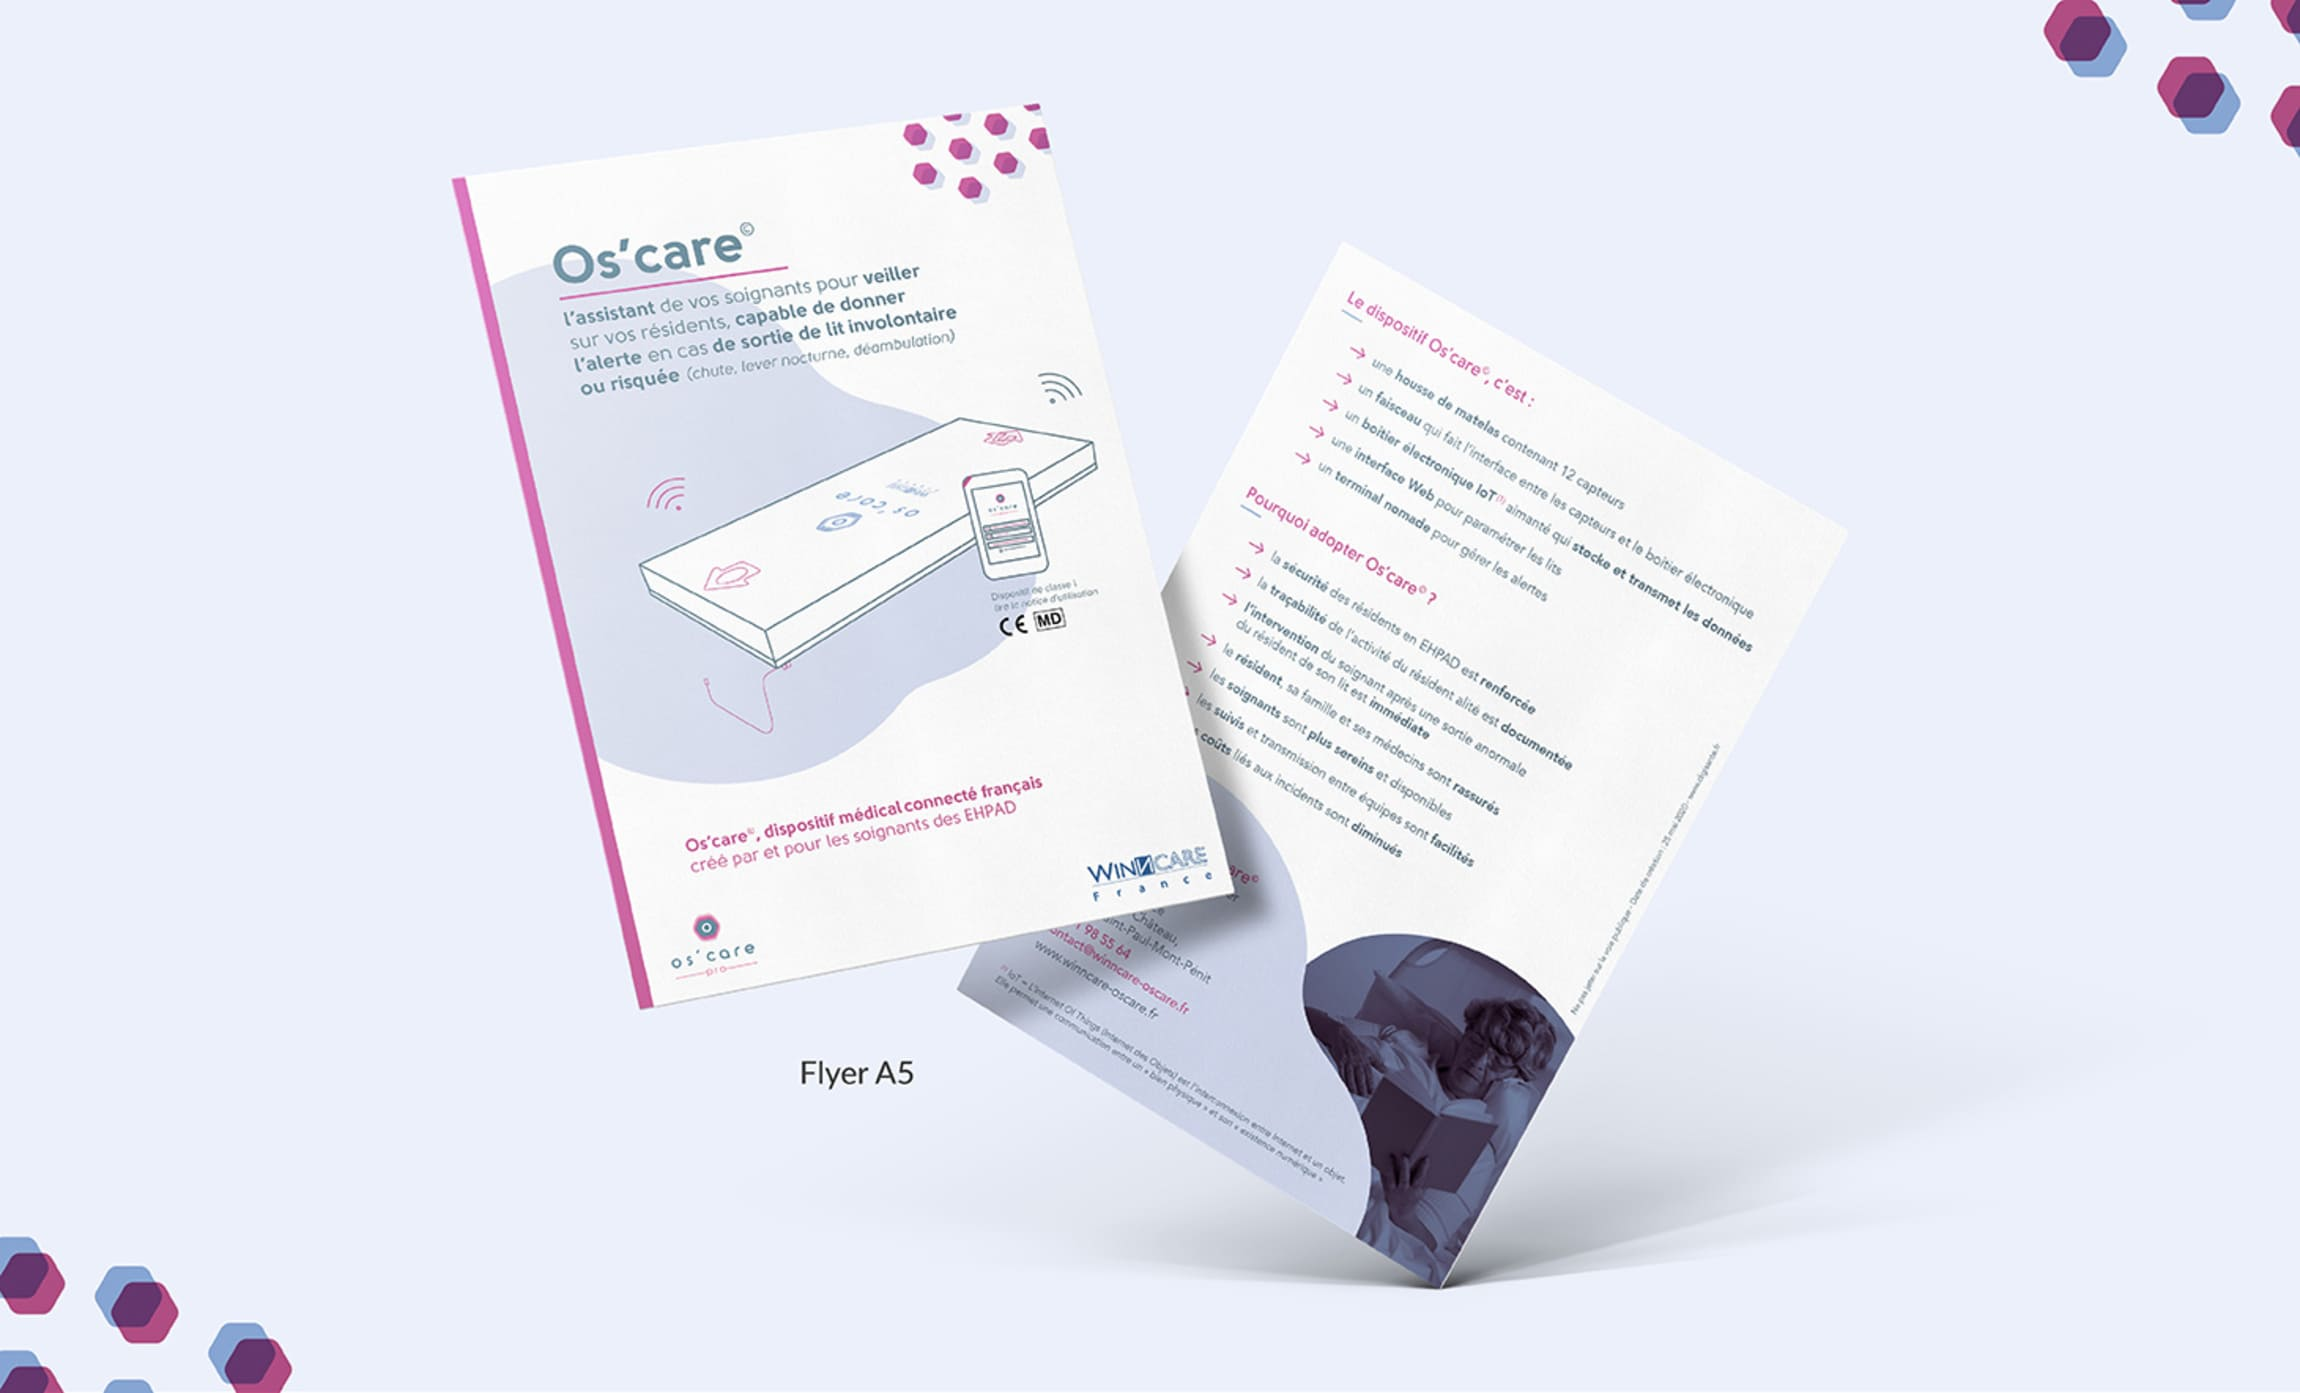 Flyer présentation dispositif médical os'care français Digisanté